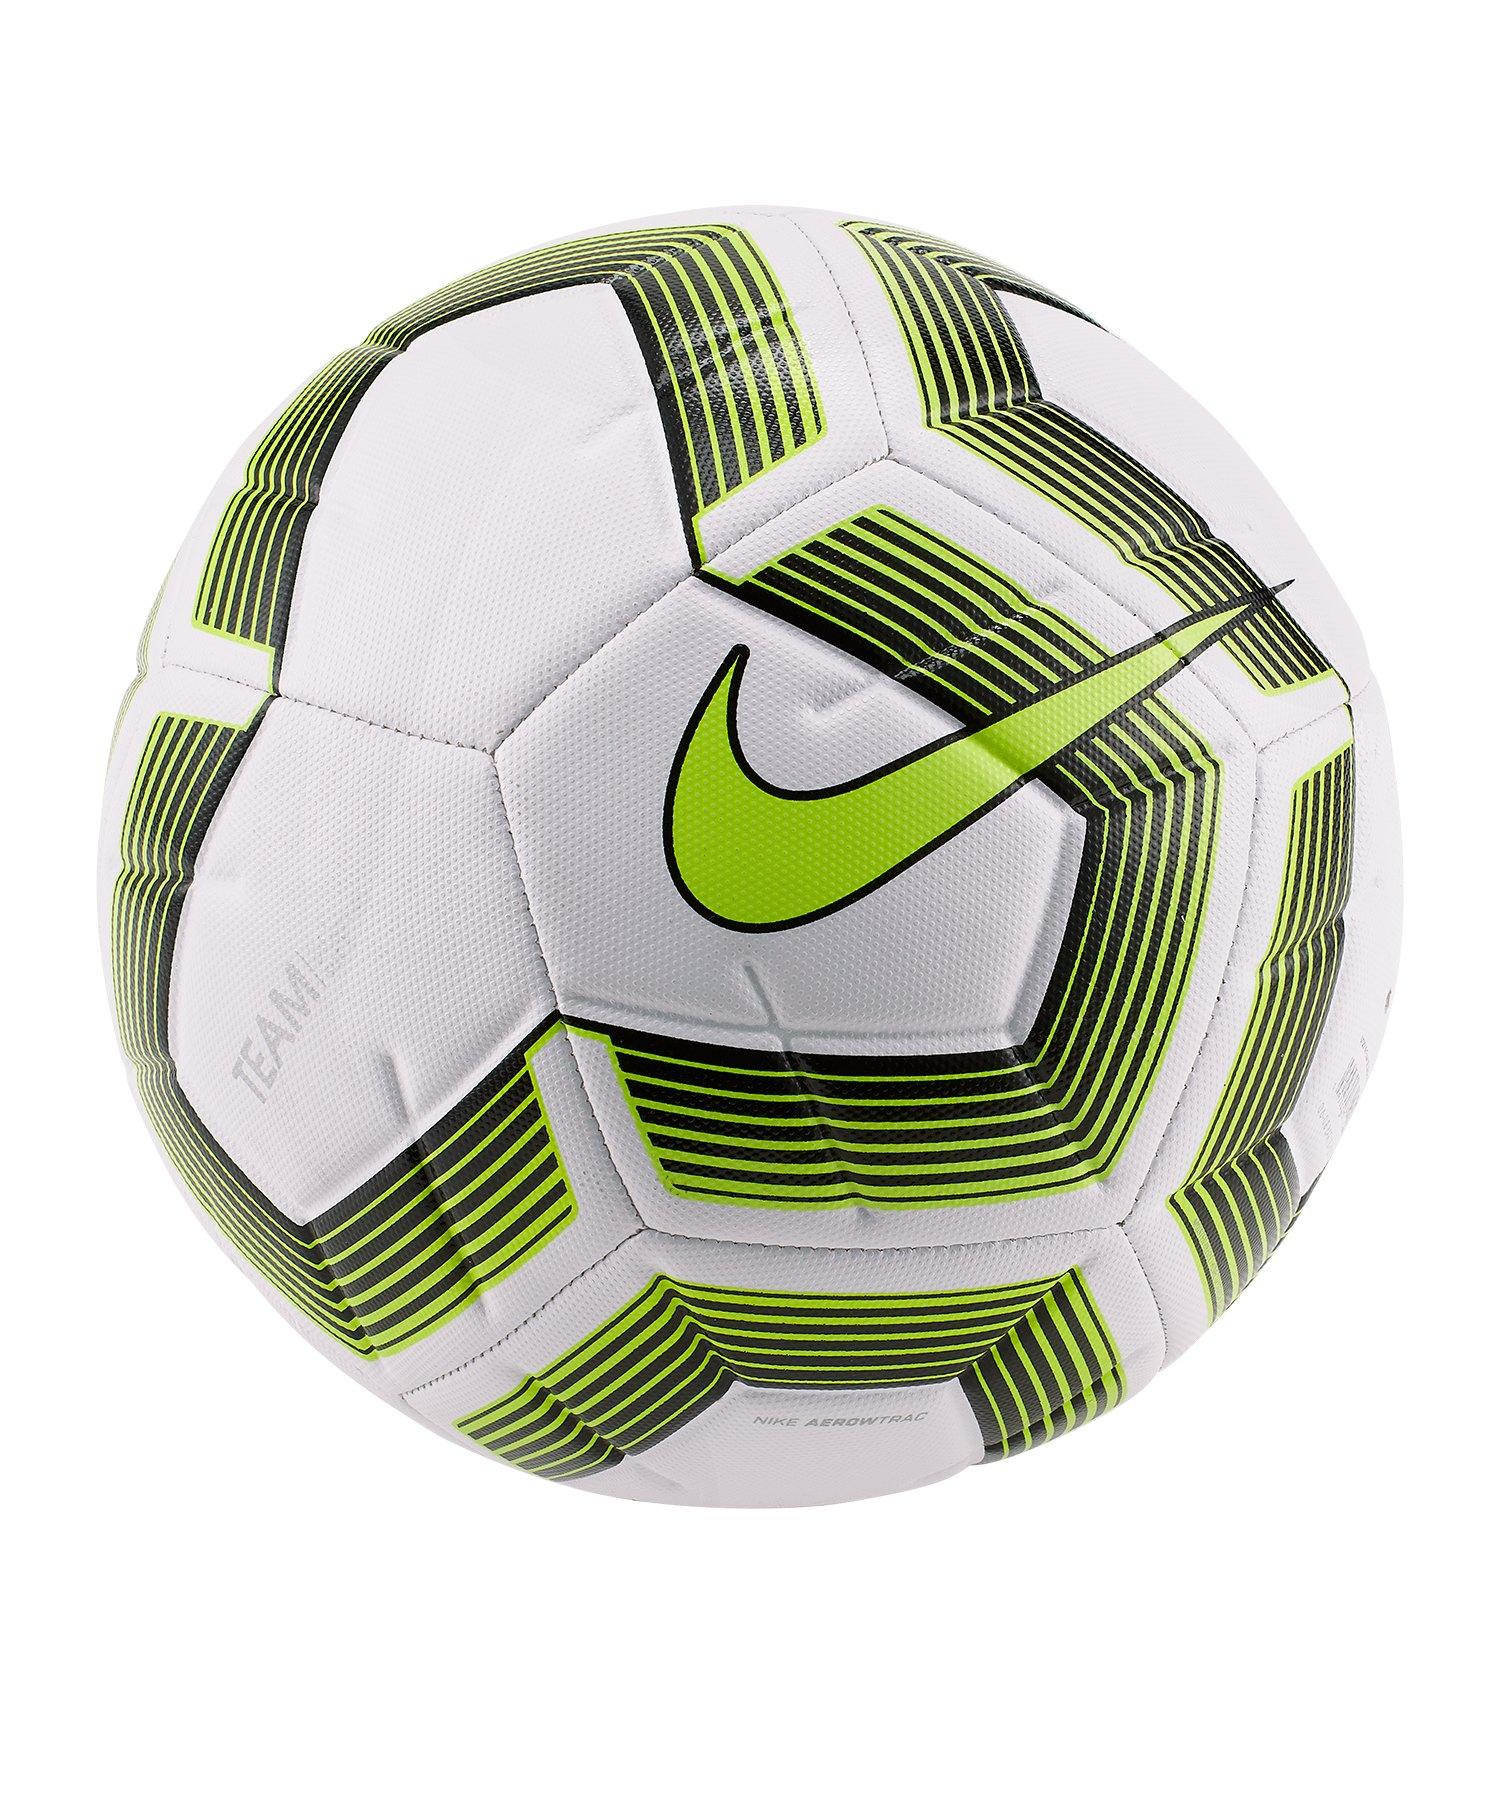 Nike Strike Pro Trainingsball Weiss F100 - weiss